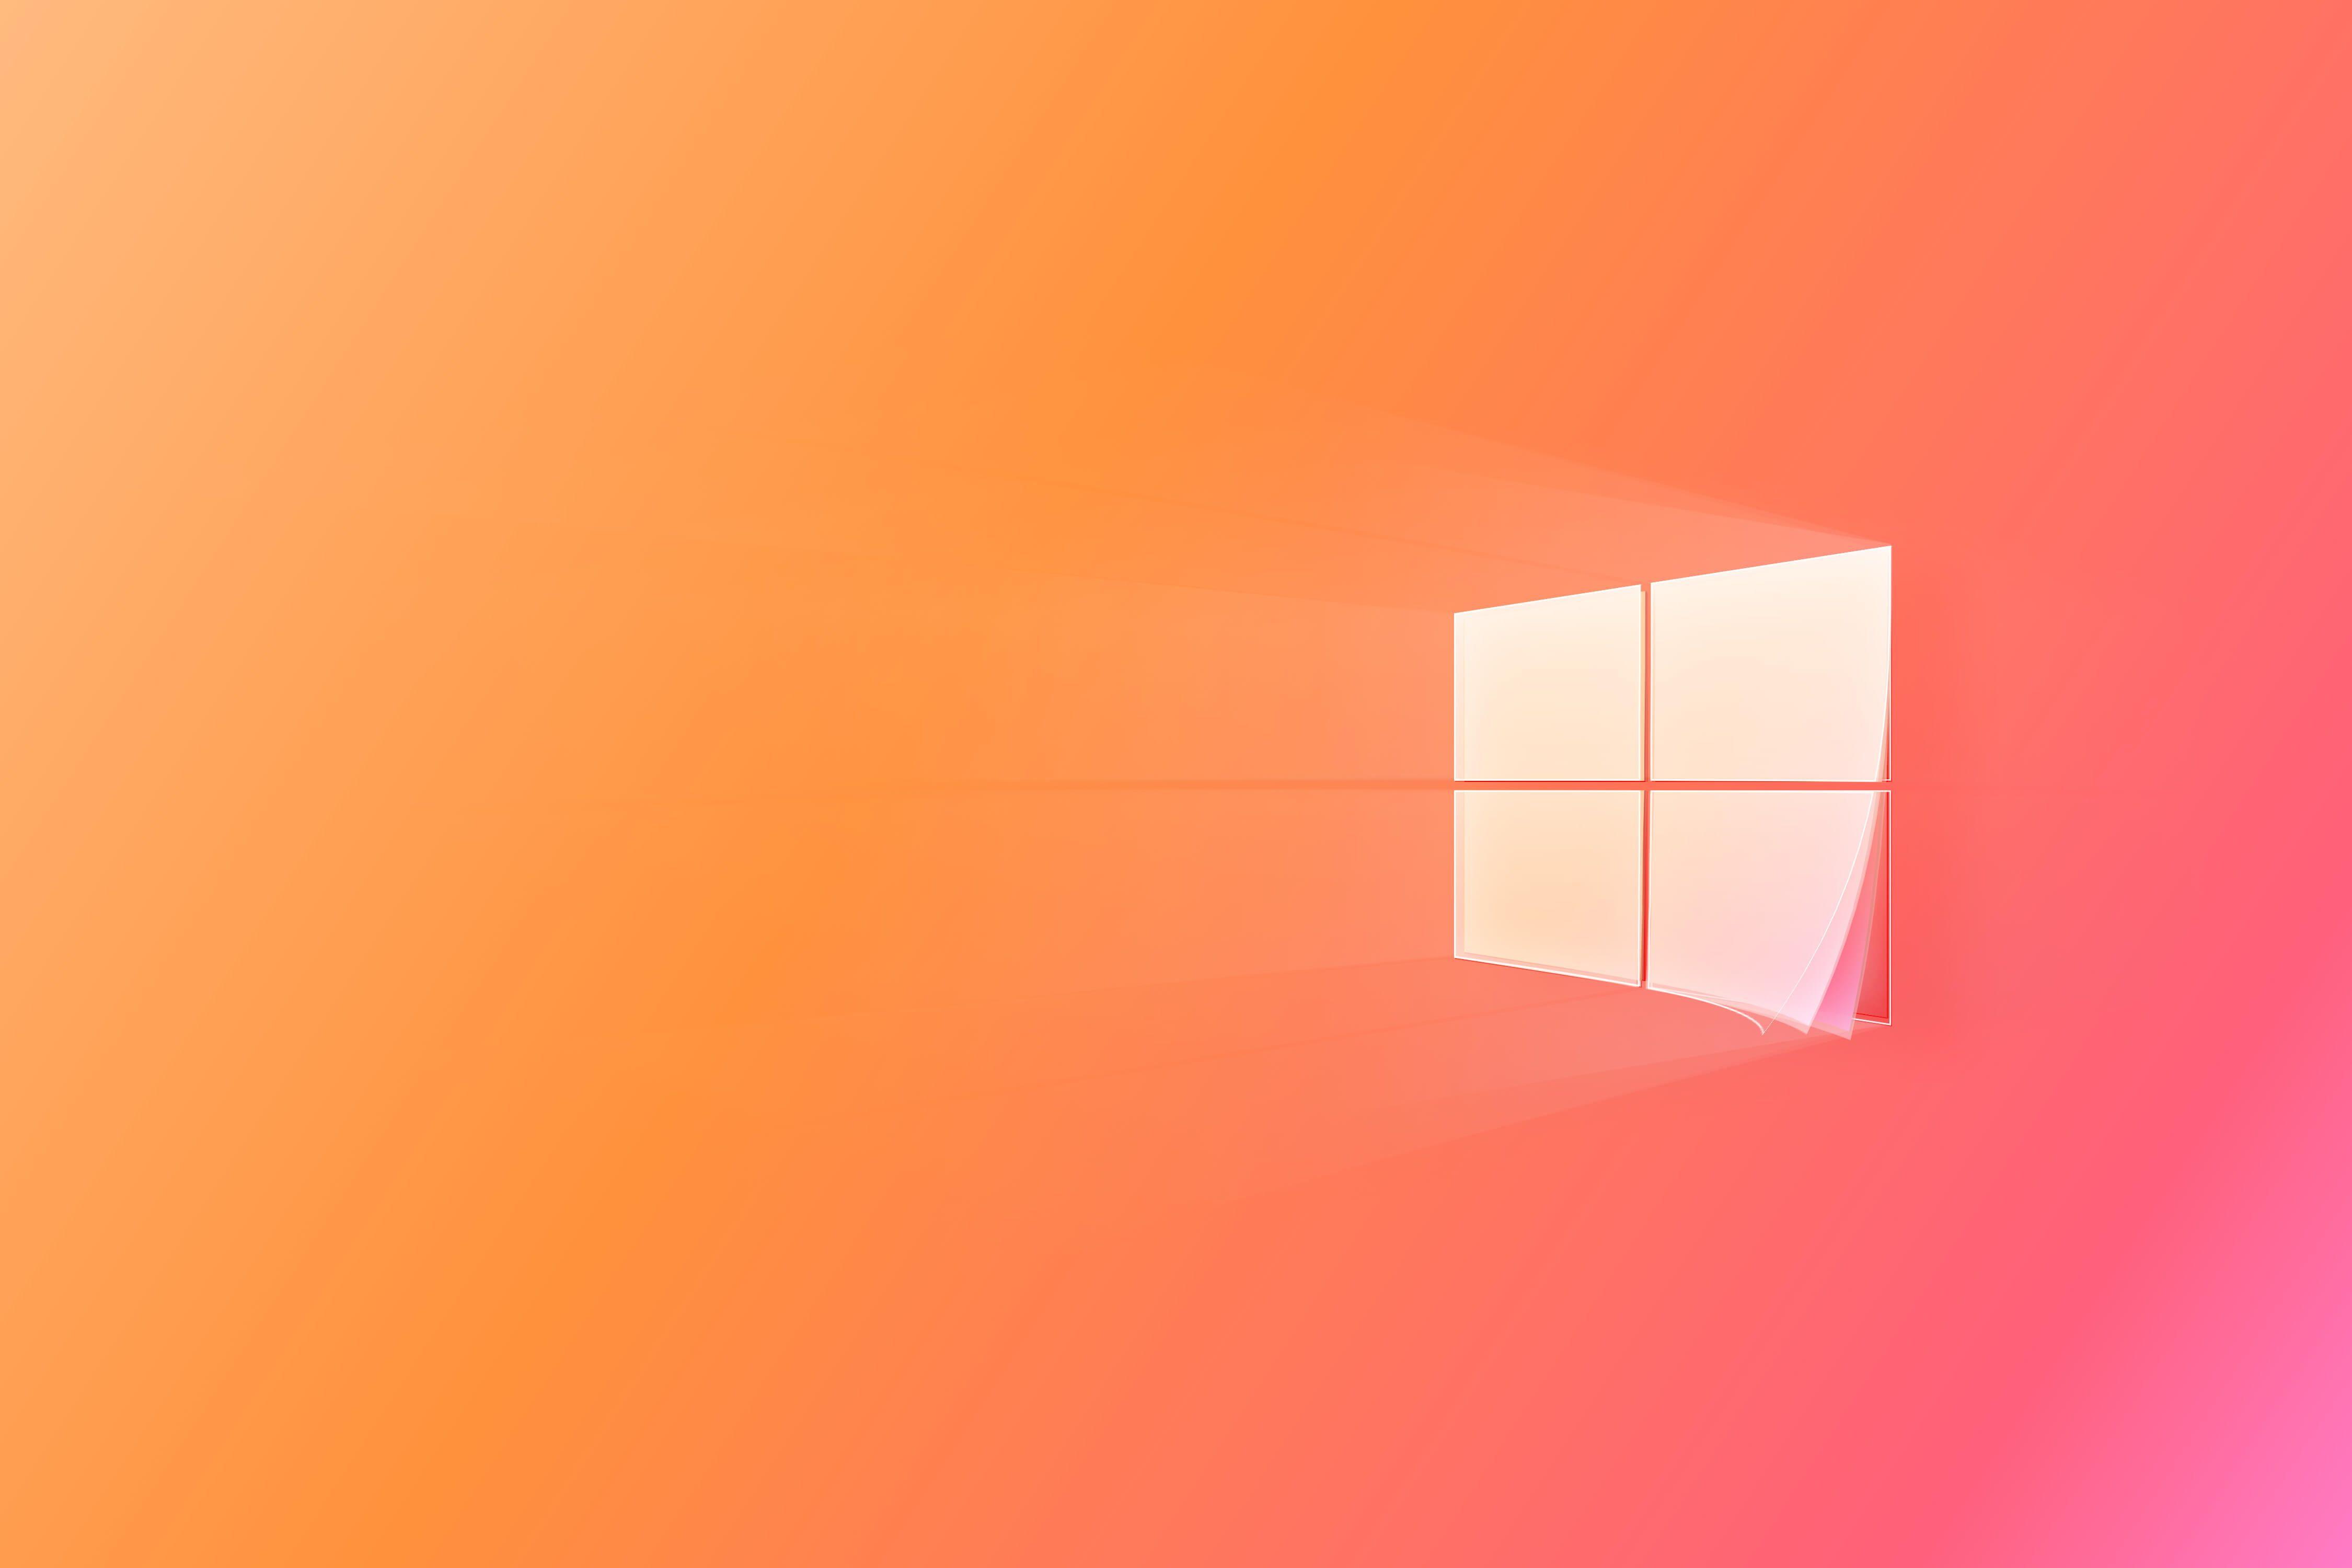 Windows 10 Fluent Windows Fluent Design 4k Wallpaper Hdwallpaper Desktop Bts Laptop Wallpaper Wallpaper Windows 10 Wallpaper